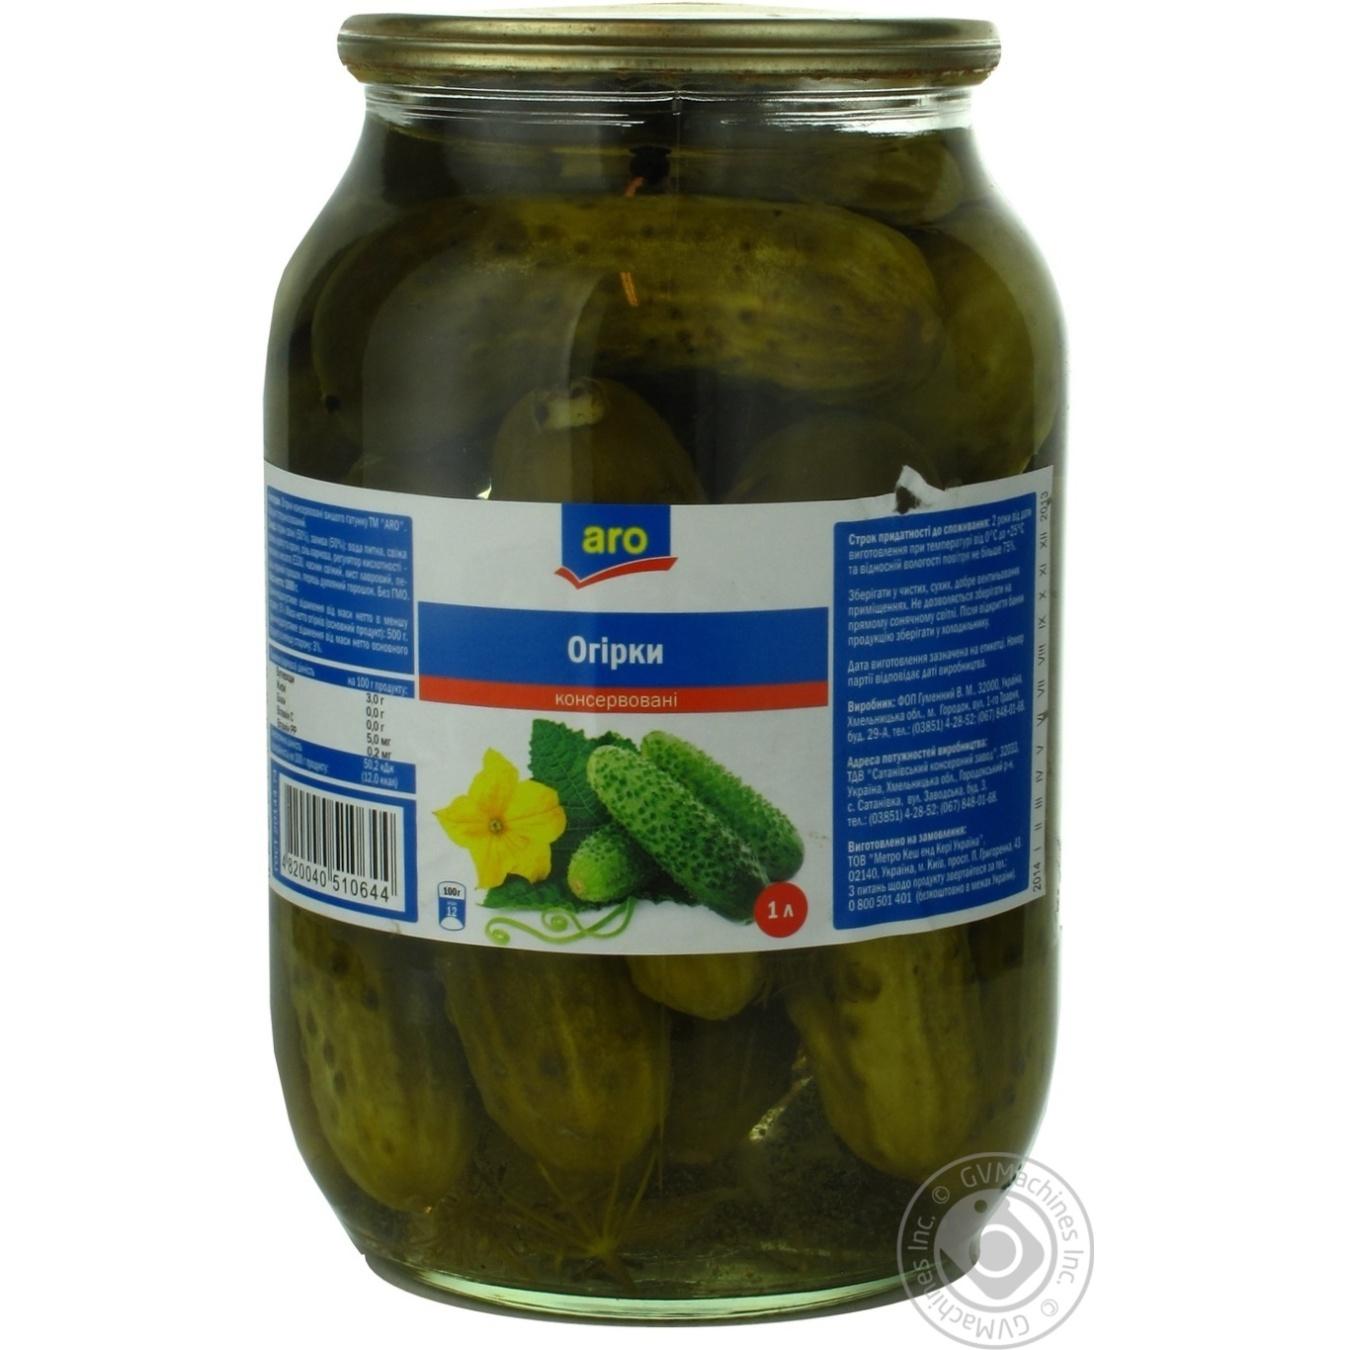 Купить Консервовані овочі, Огірки Аро консервовані 1л